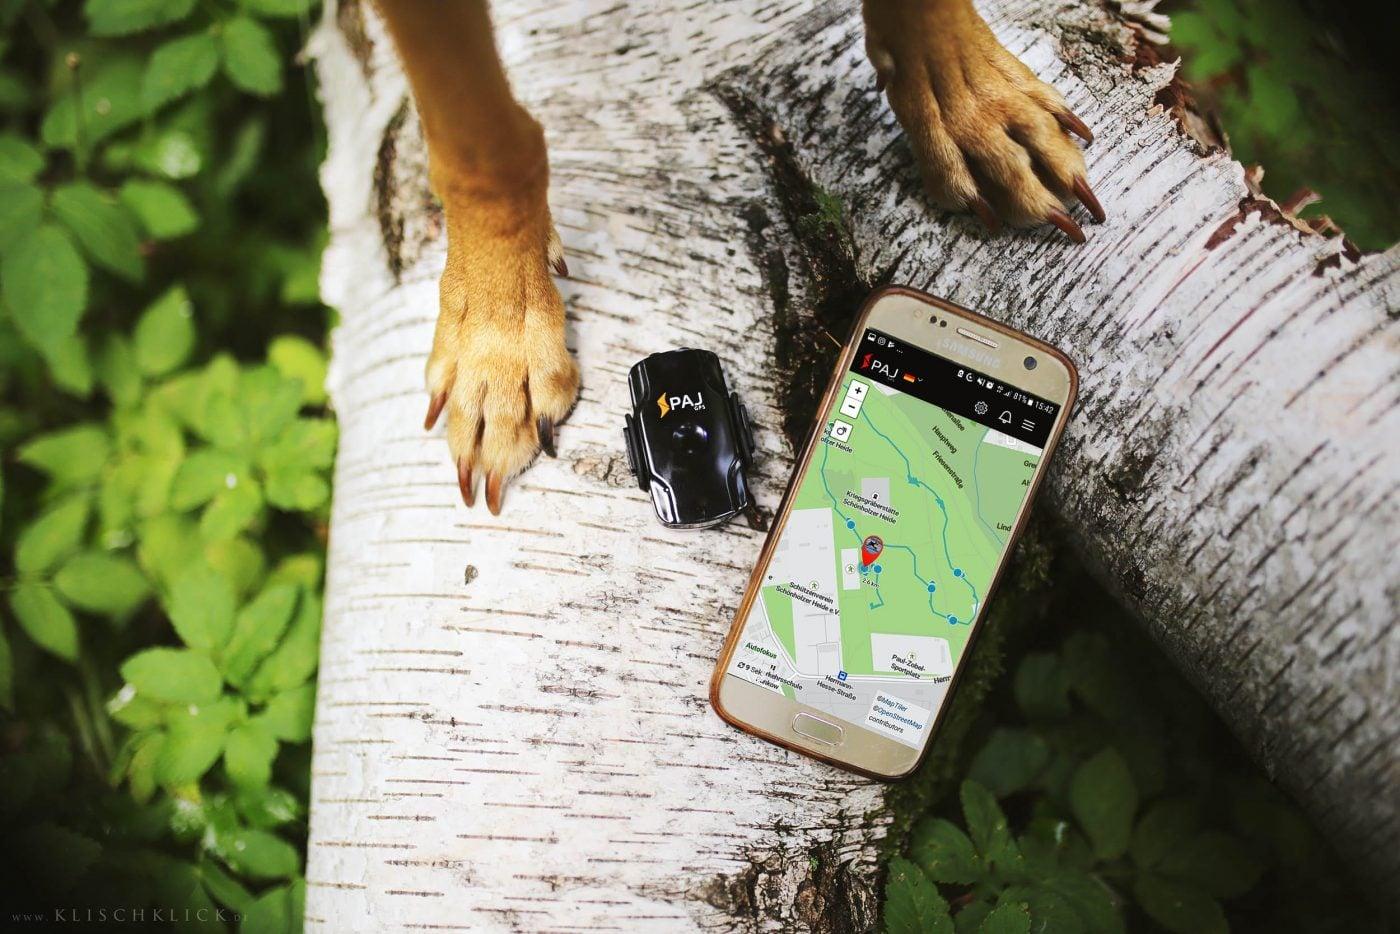 bild anwendungsgebiet gps tracker hund handy app pet finder 1400x934 - AG GPS Tracker für Hunde